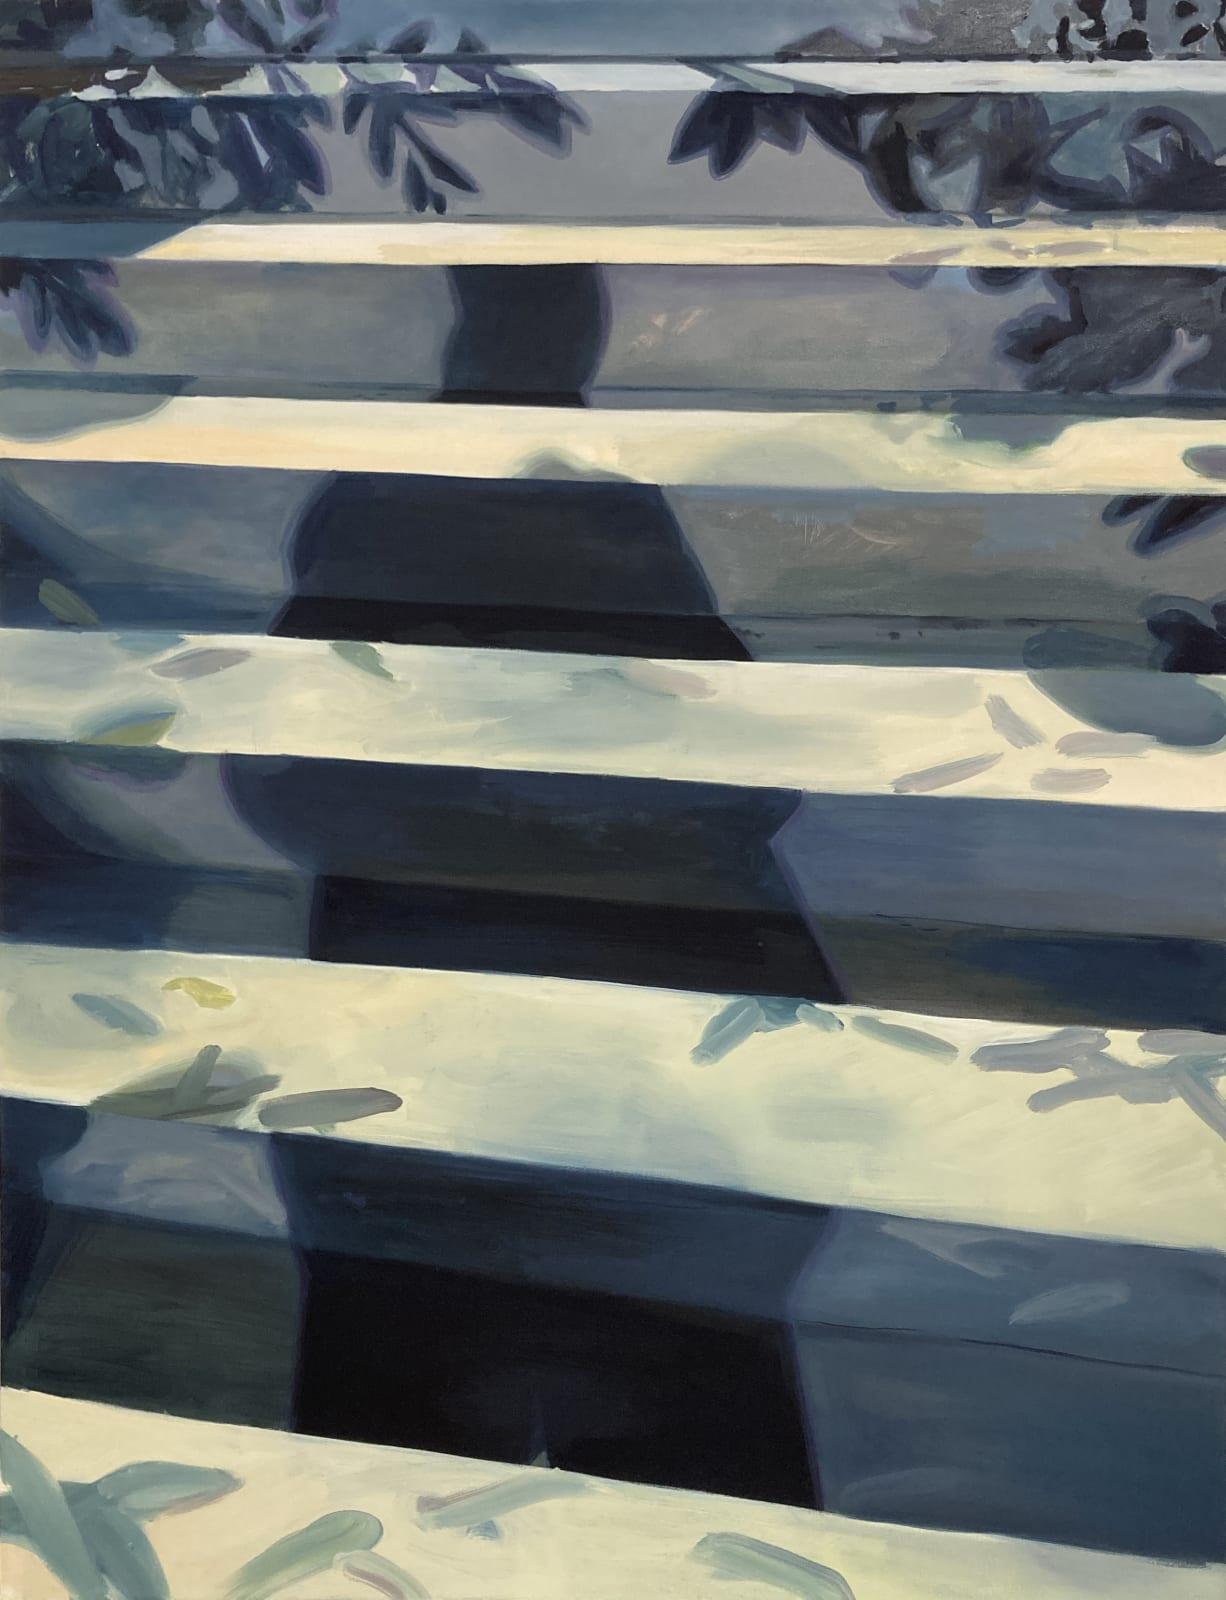 Aglaé Bassens, Shadow Self, 2020